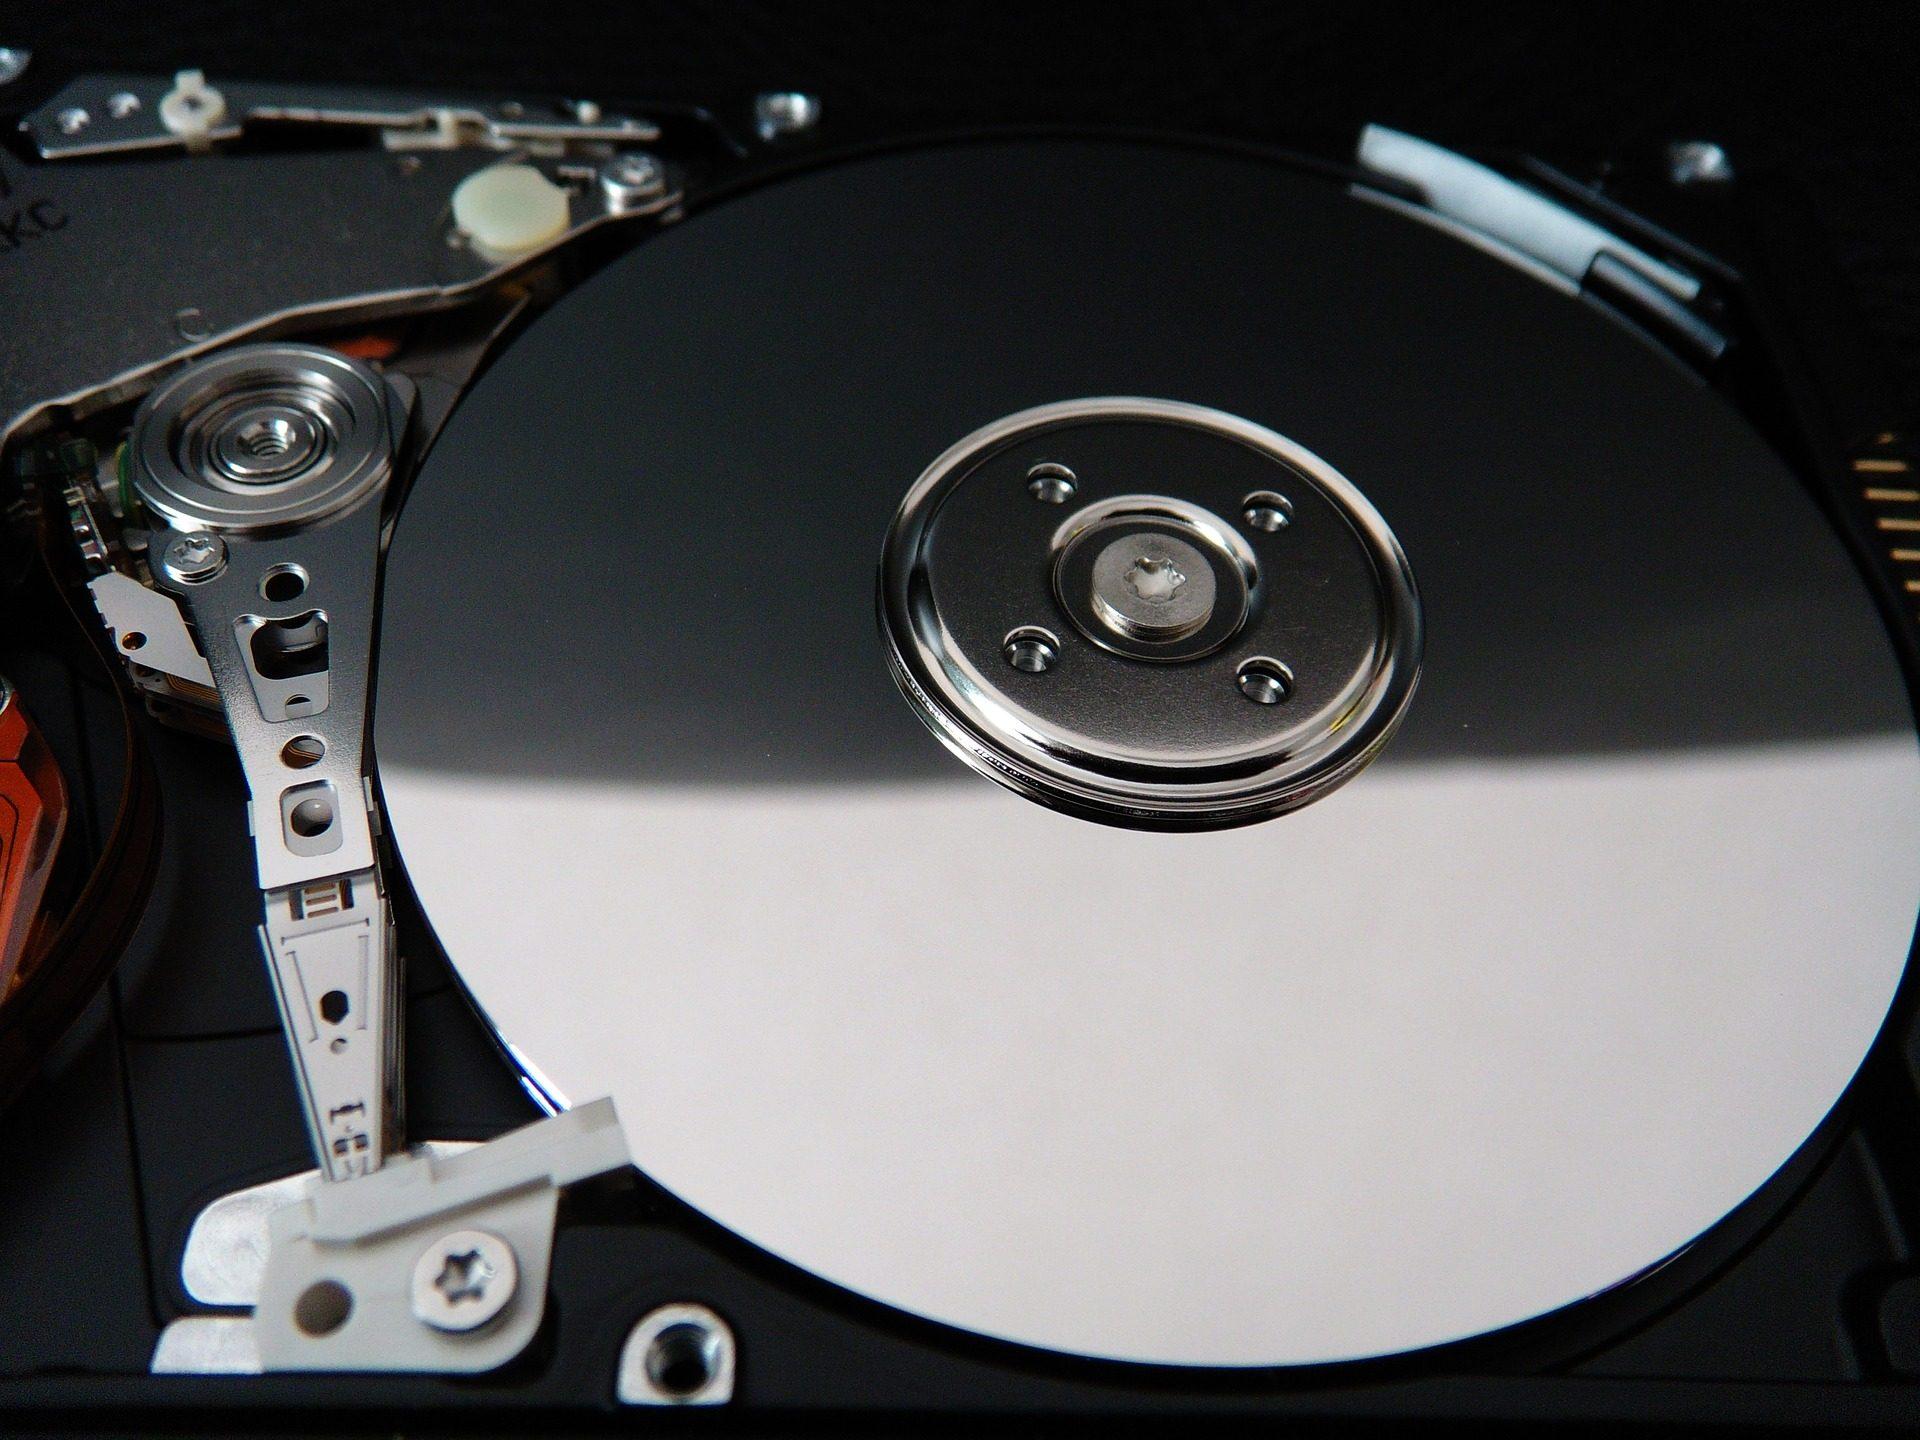 disque, dur, plats, cylindres, données, Metal, Ferromagnétisme - Fonds d'écran HD - Professor-falken.com